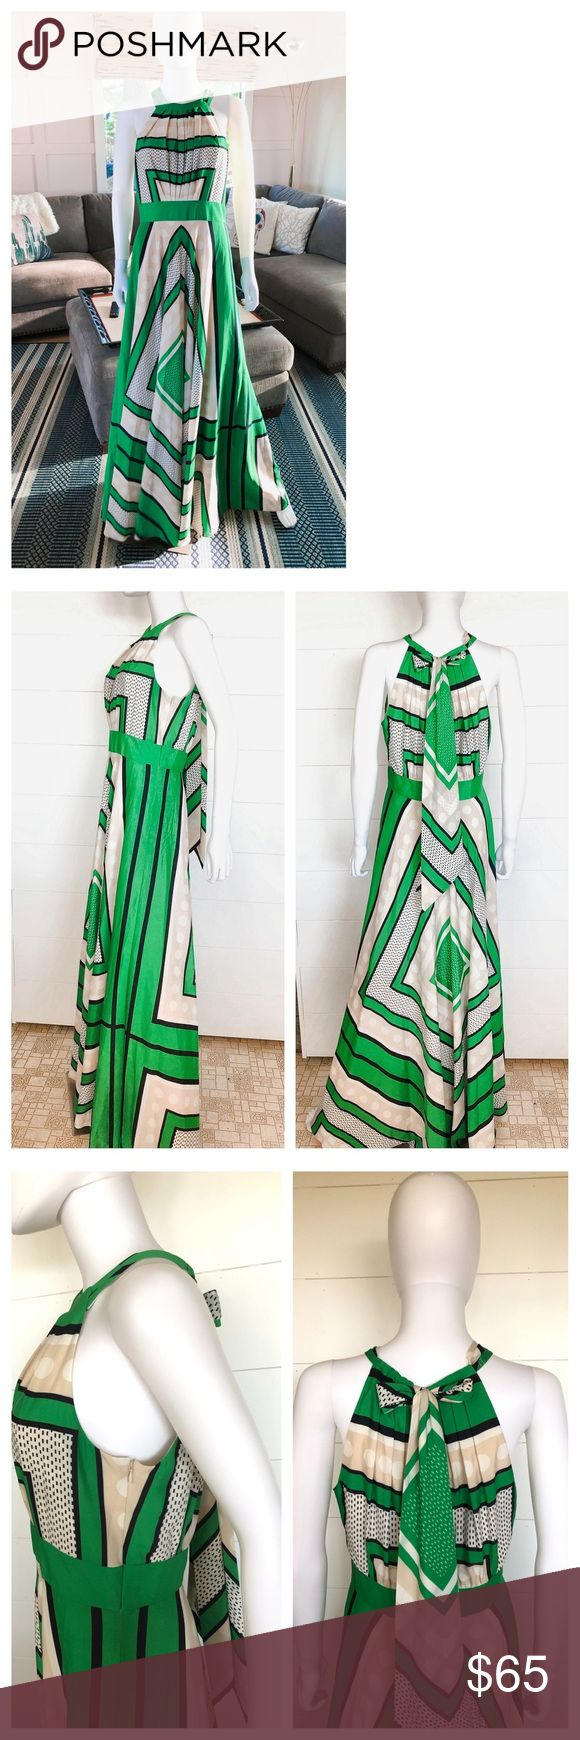 Eliza J/ Maxi Dress/Geometric Print/Grn/Wht/Sz 8 Eliza J Geometric Print Maxi Dr…